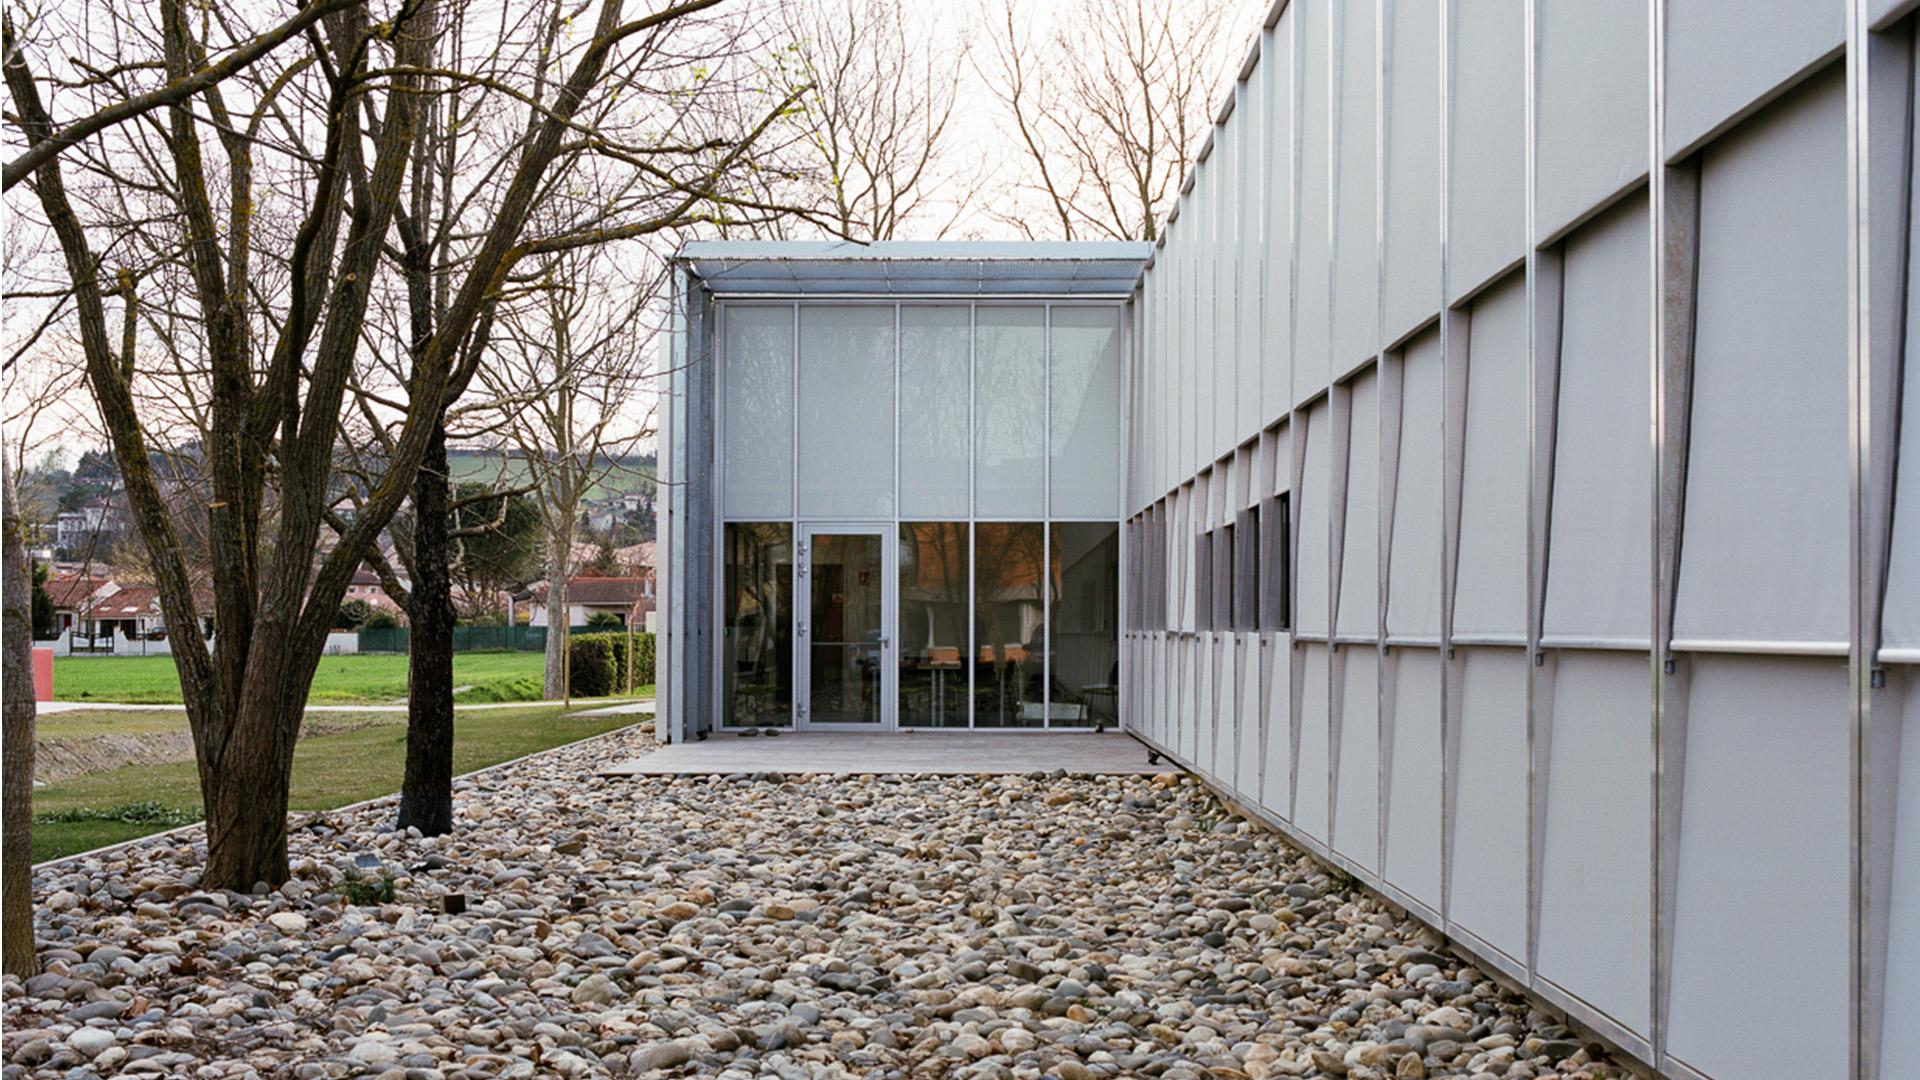 02-Seuil-Architecture-CRGS-crédit-Ph.-Stéphane-Brugidou